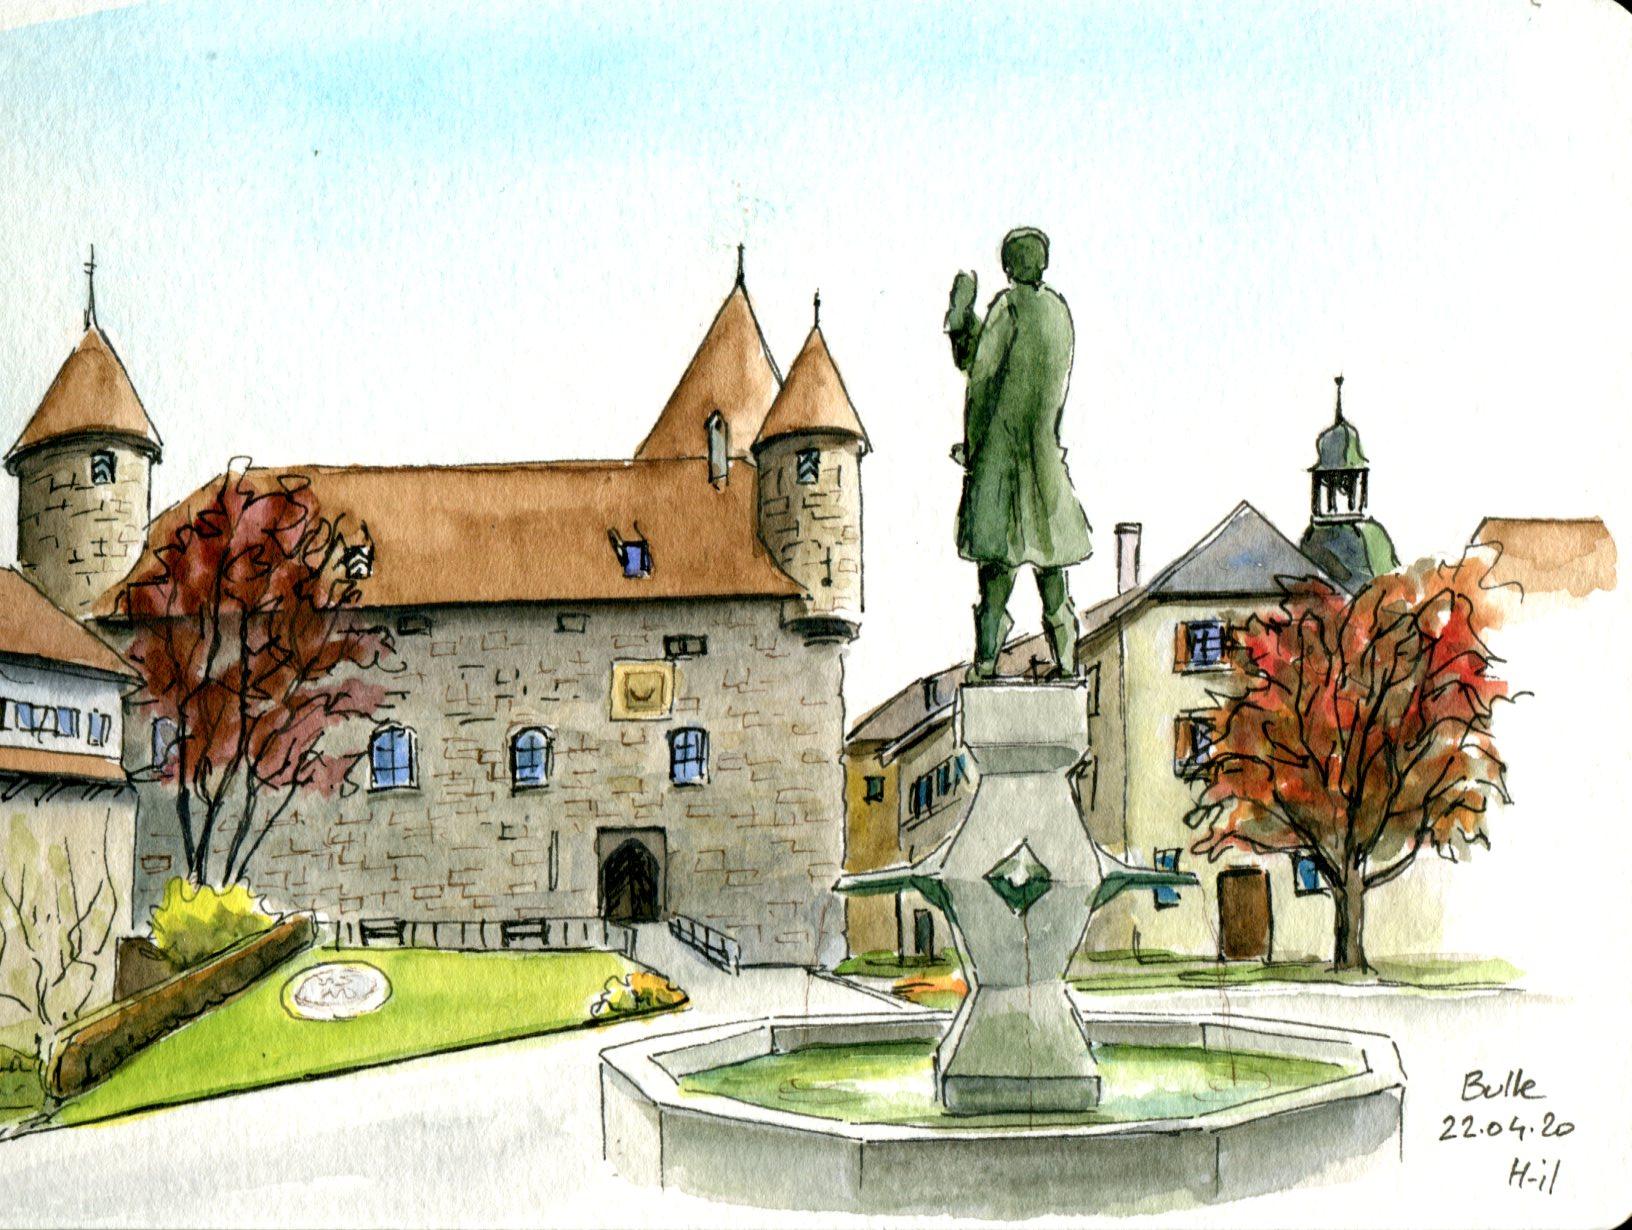 Château_de_Bulle035